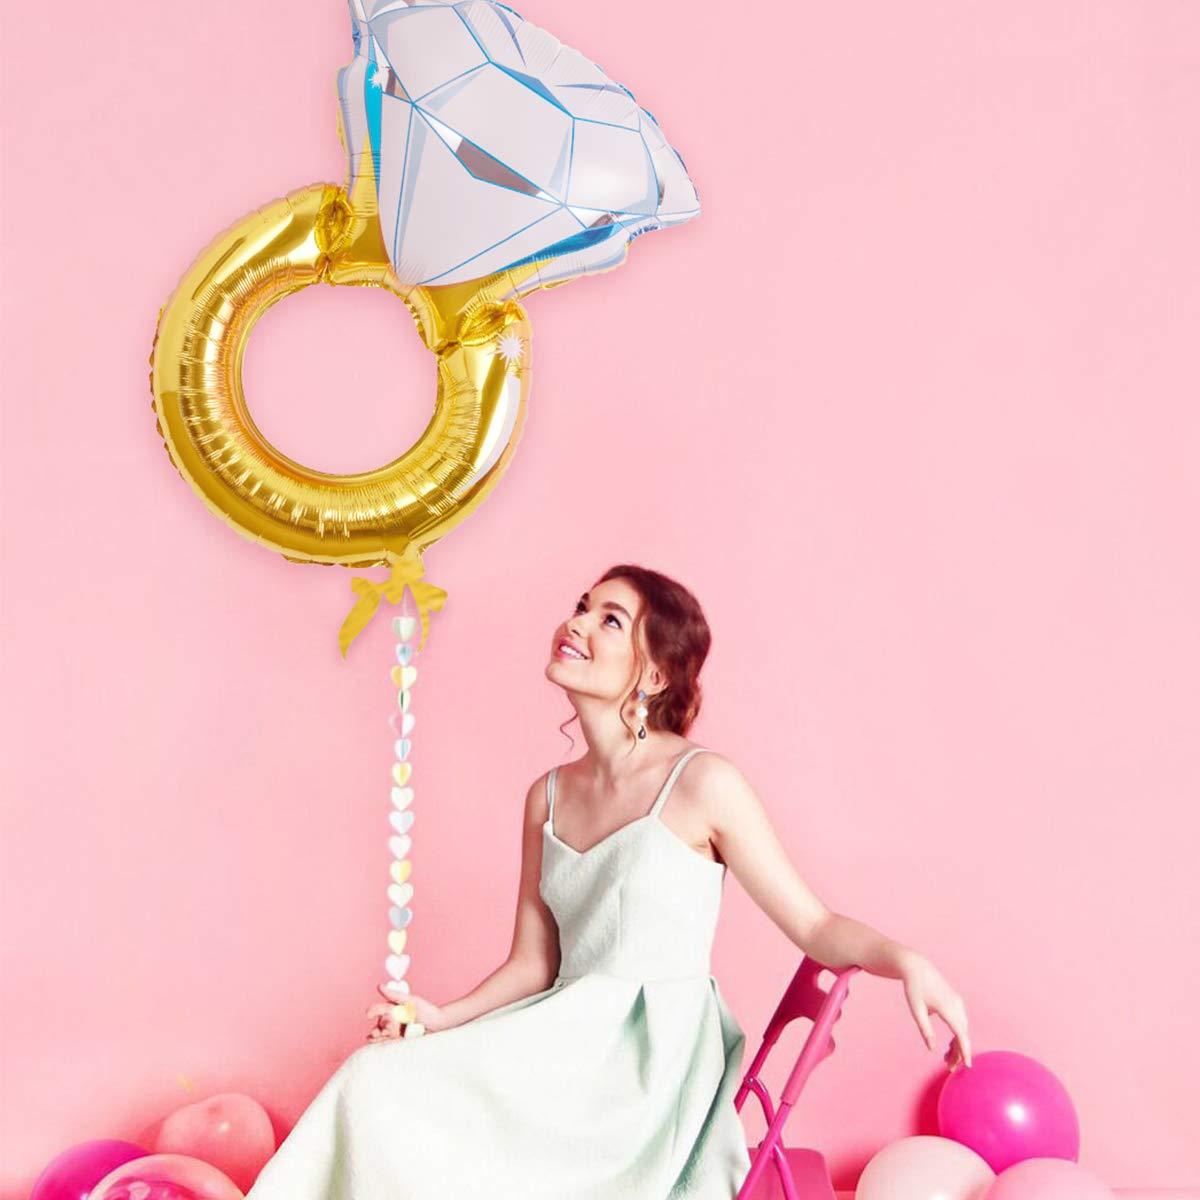 Partie de Bachelor Hivexagon Bague Diamant G/éant Ballons Alu pour Partie de Poule d/écorations de Mariage 2pcs // Set HP042 f/ête de fian/çailles Couleur dor